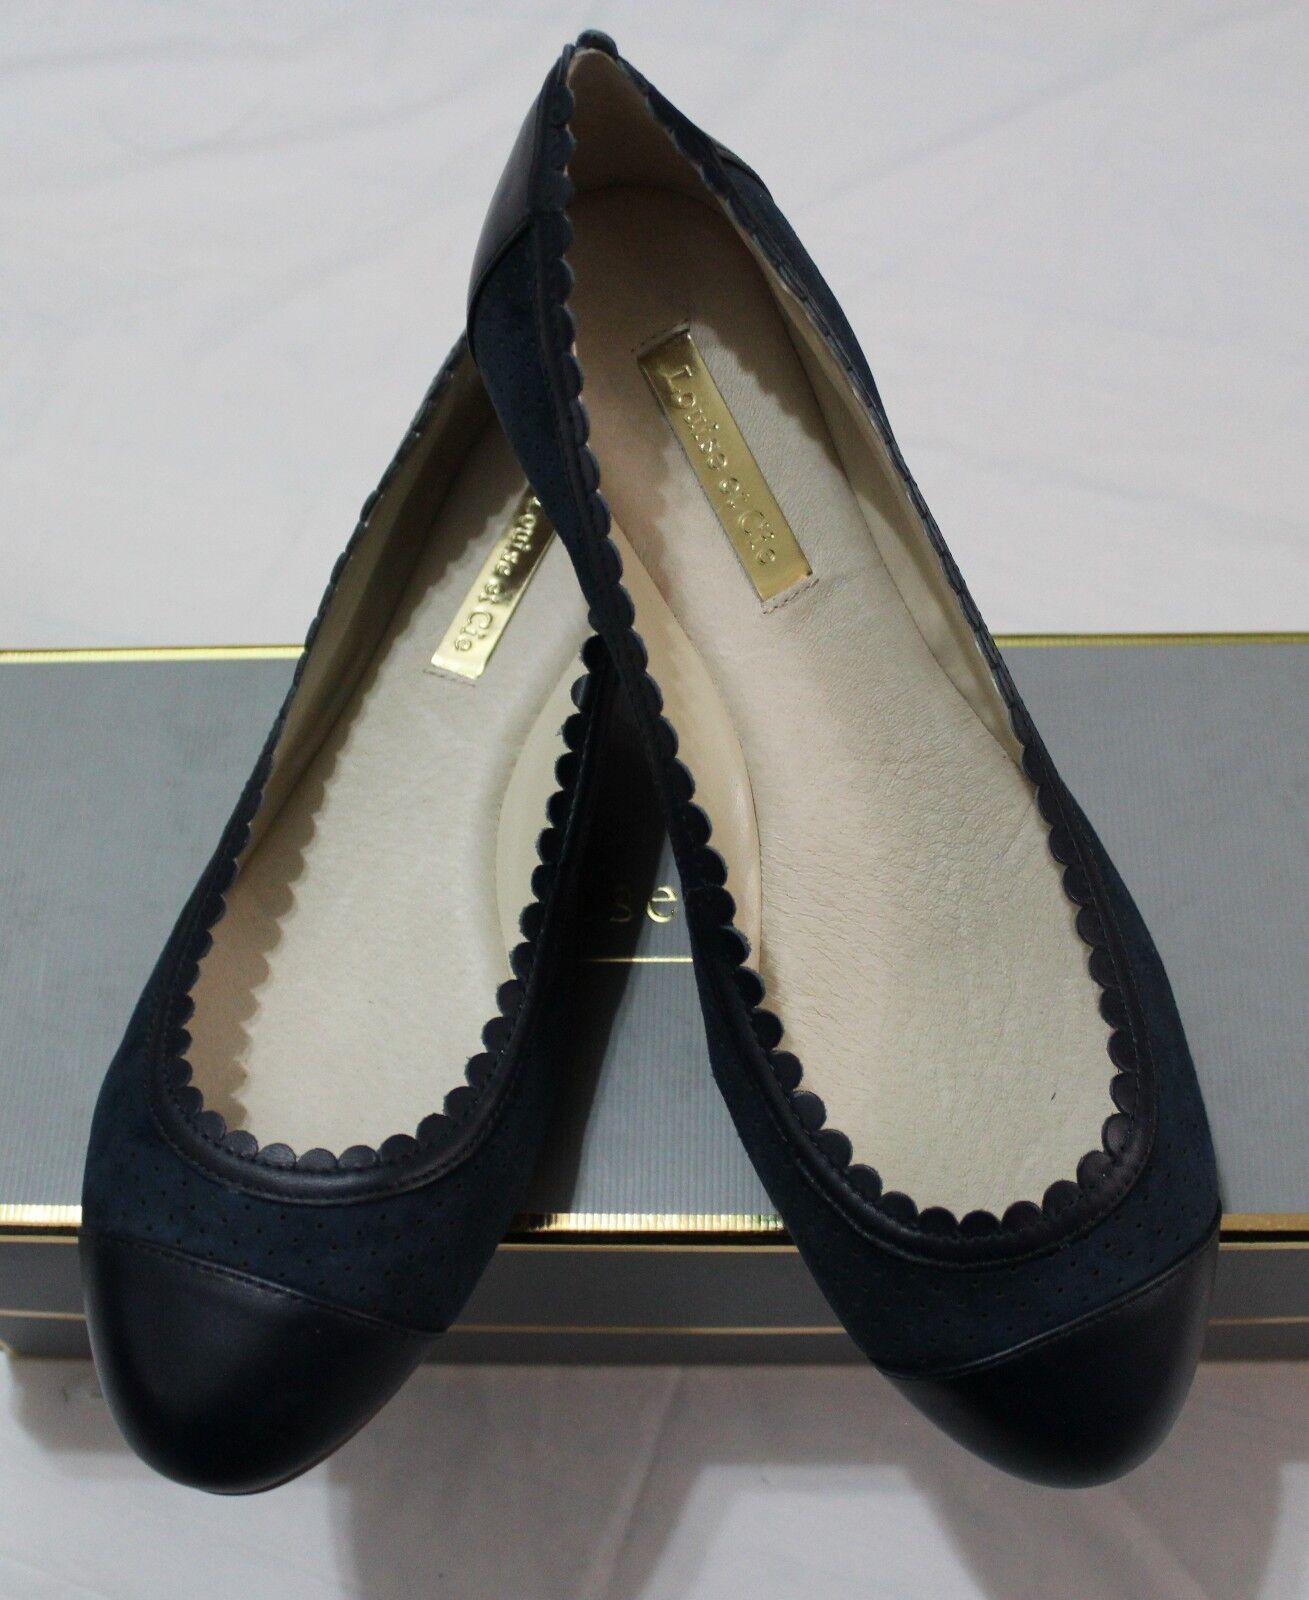 119 Louise Louise Louise et Cie eilley 2 Laguna Activo Niño Zapatos Ballerina Zapatos de tacón de gamuza  a la venta